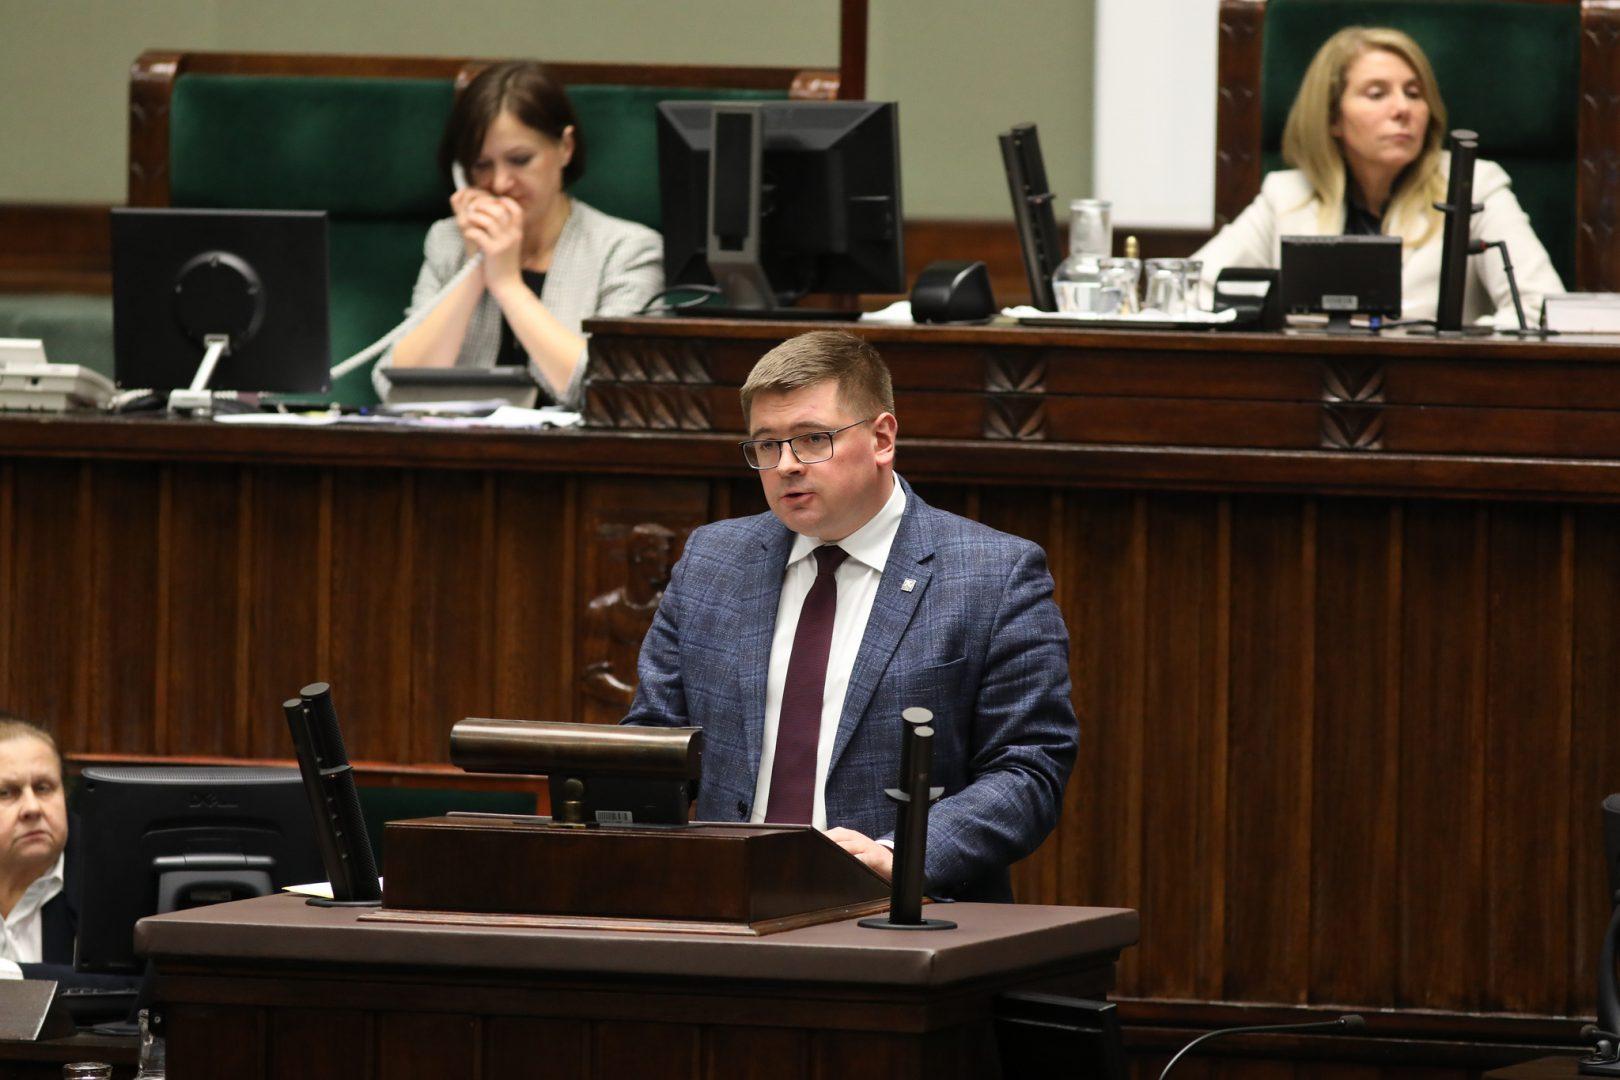 Tomasz Rzymkowski/Fot. Kancelaria Sejmu RP/CC BY 2.0/Flickr